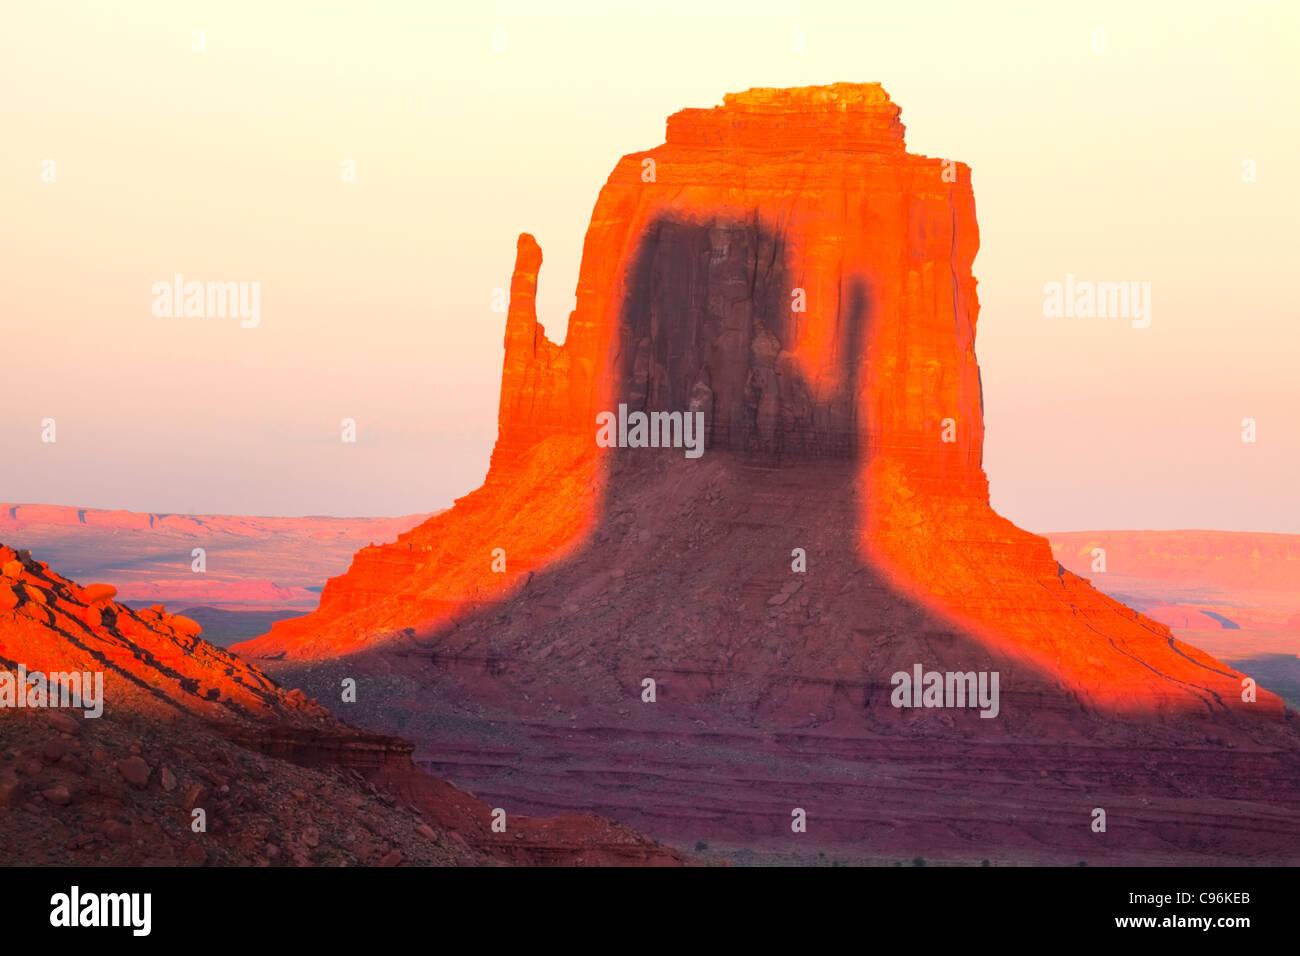 East Mitten au coucher du soleil, Monument Valley Tribal Park, Arizona/Utah Ombre de West Mitten sur East Mitten Photo Stock